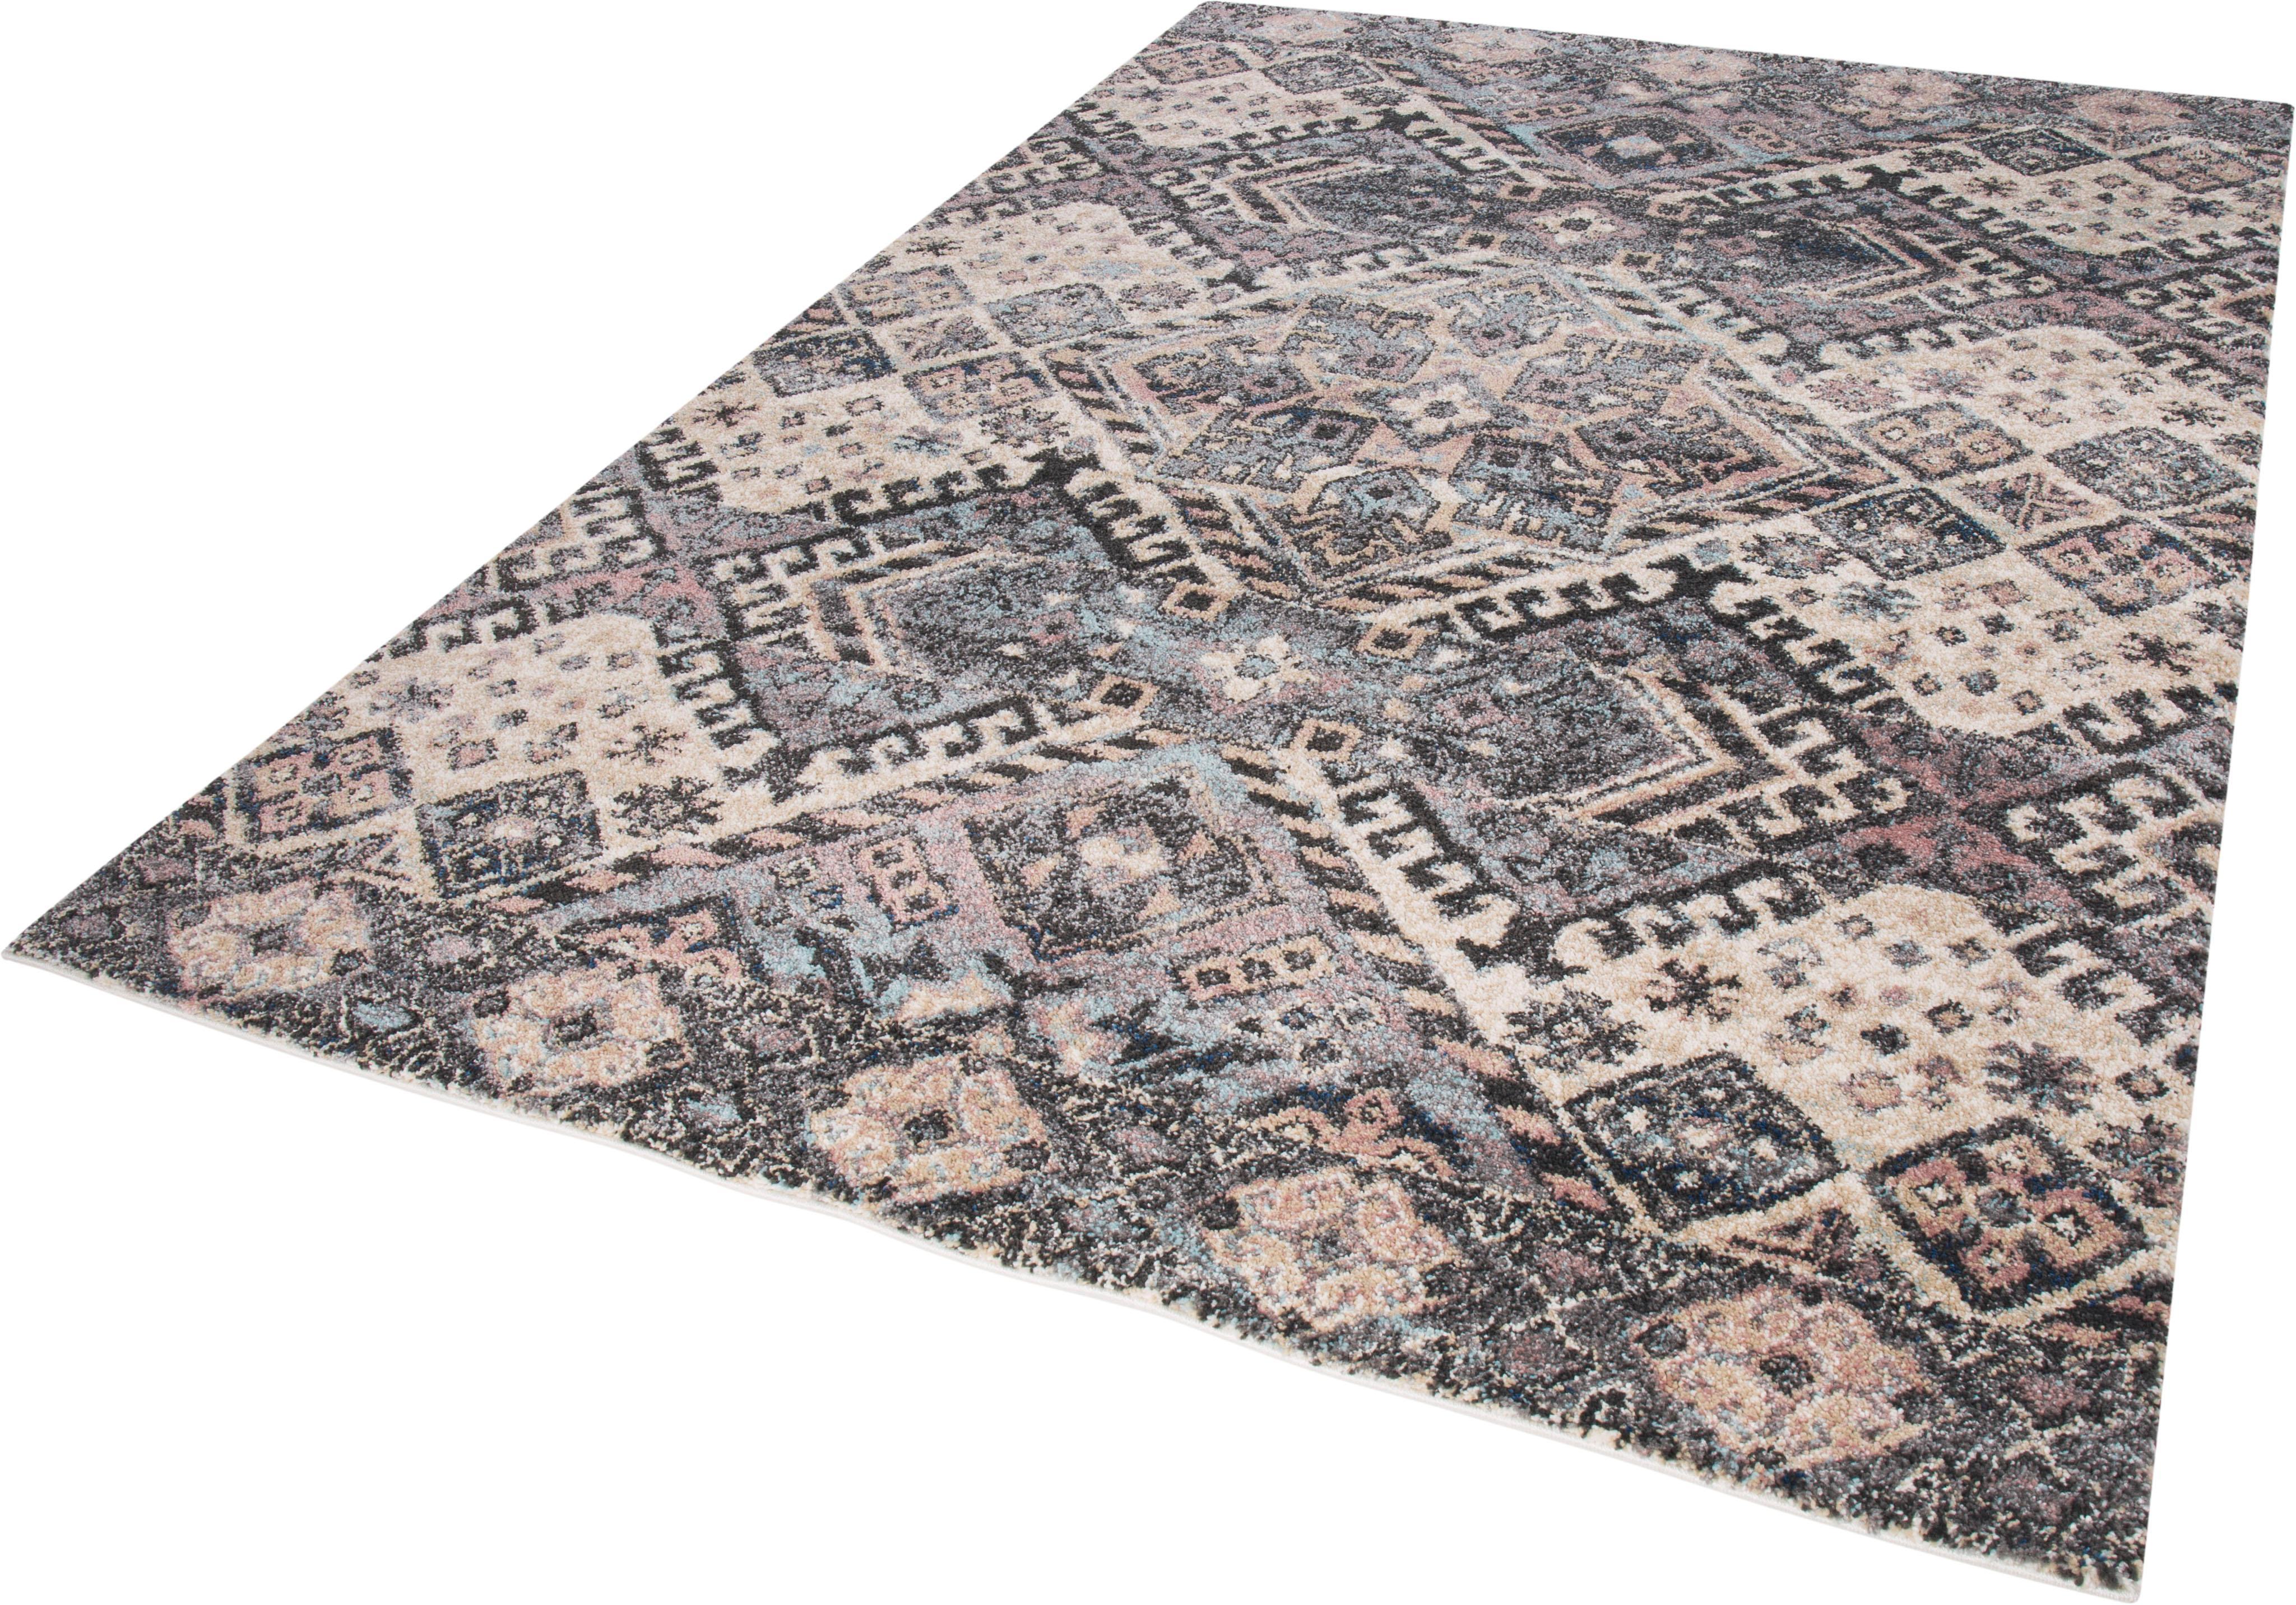 Teppich Manacor 1 LUXOR living rechteckig Höhe 19 mm maschinell gewebt